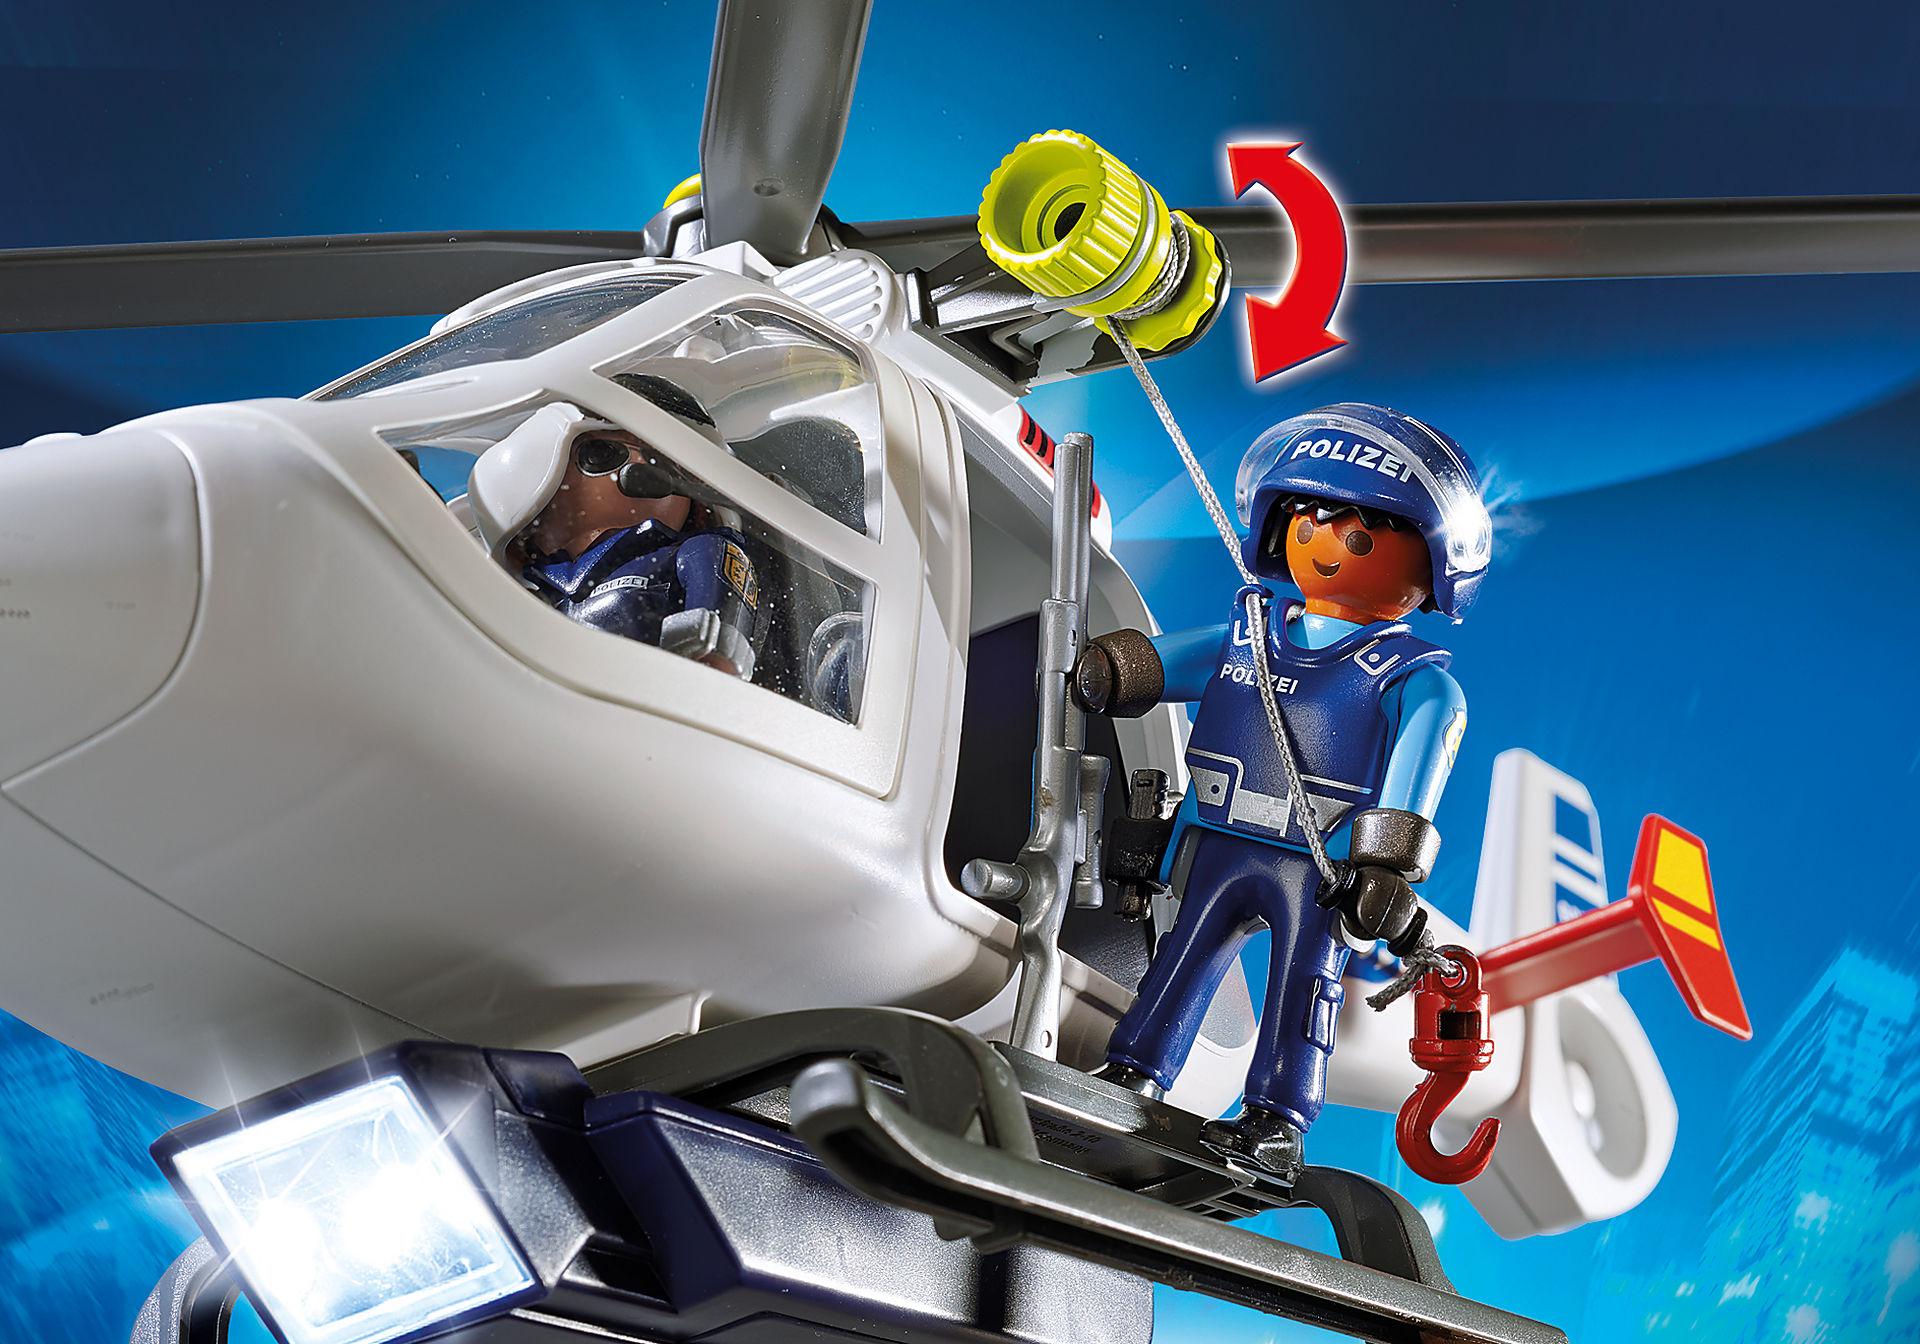 6874 Polizei-Helikopter mit LED-Suchscheinwerfer zoom image6